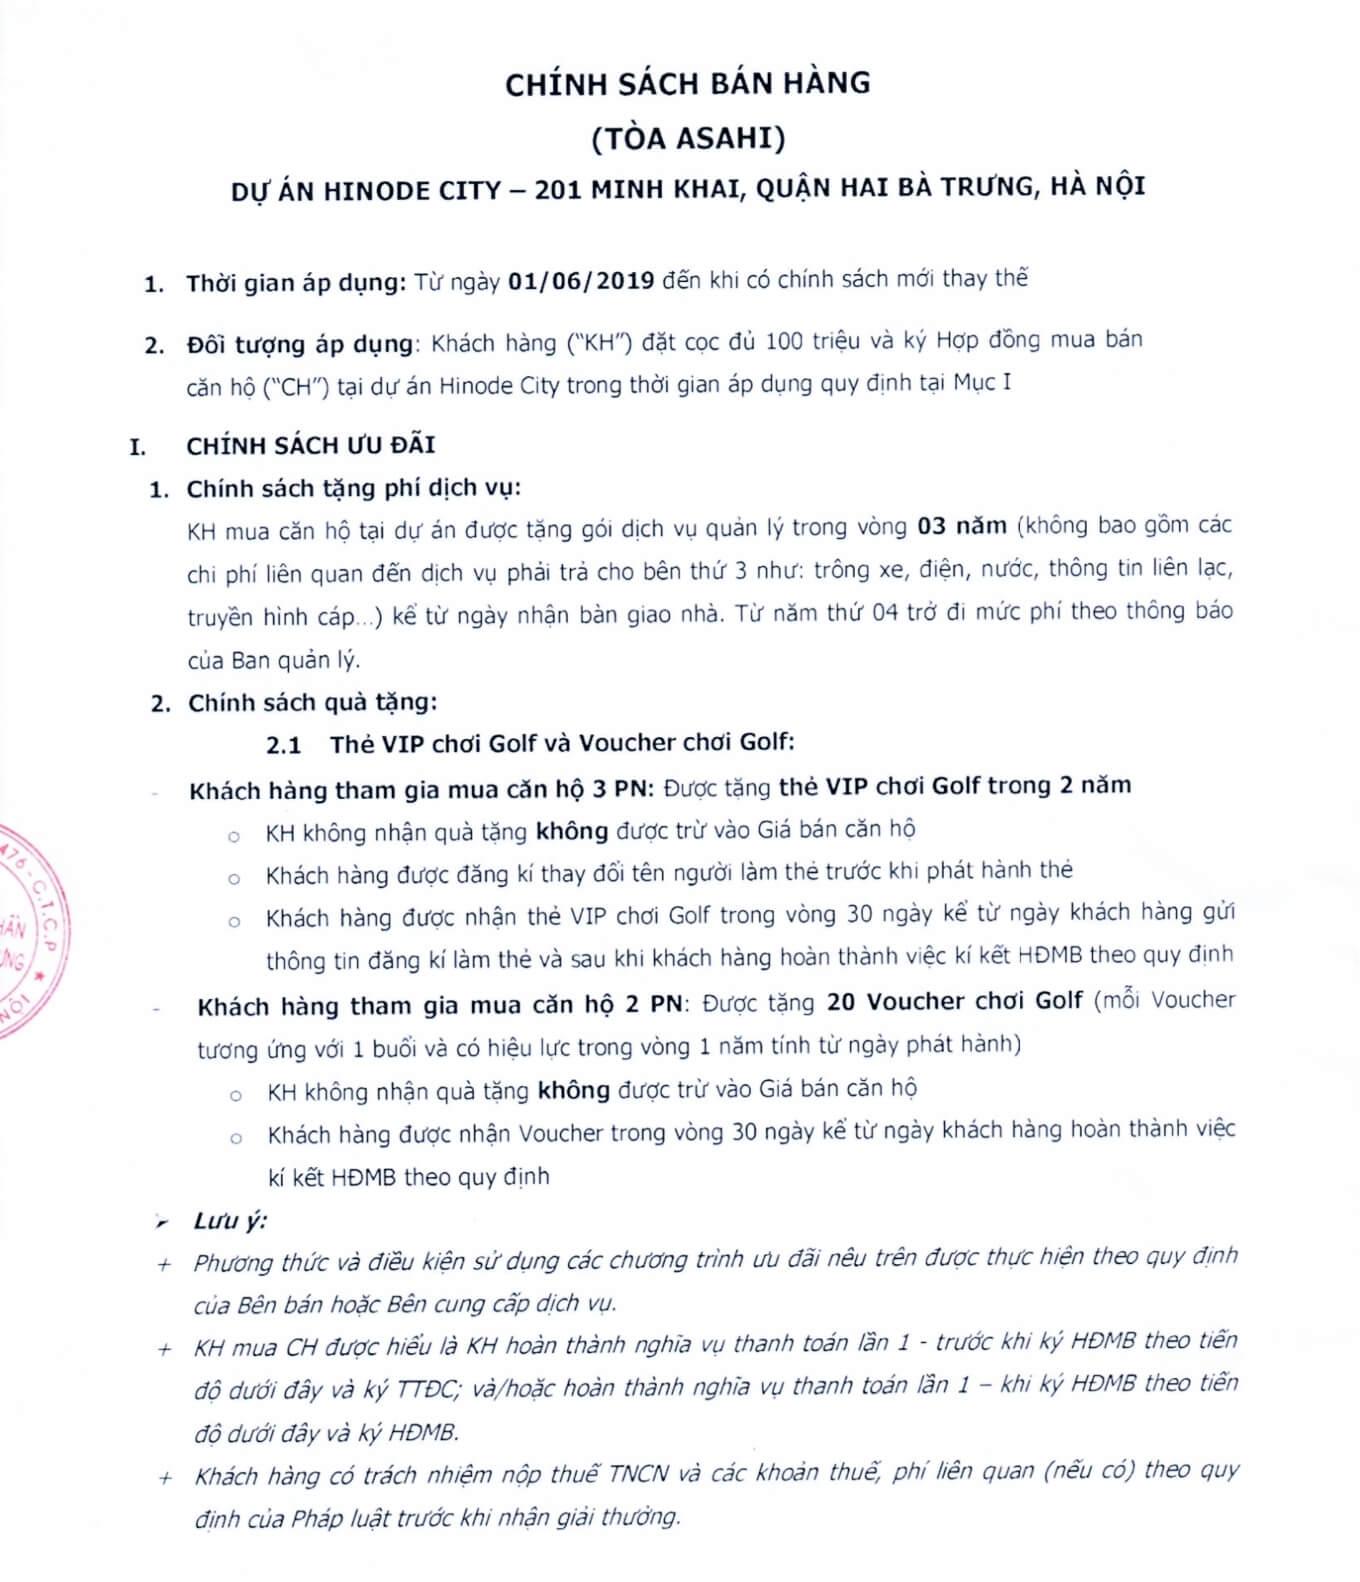 Chính sách bán hàng Hinode City tháng 7/2019